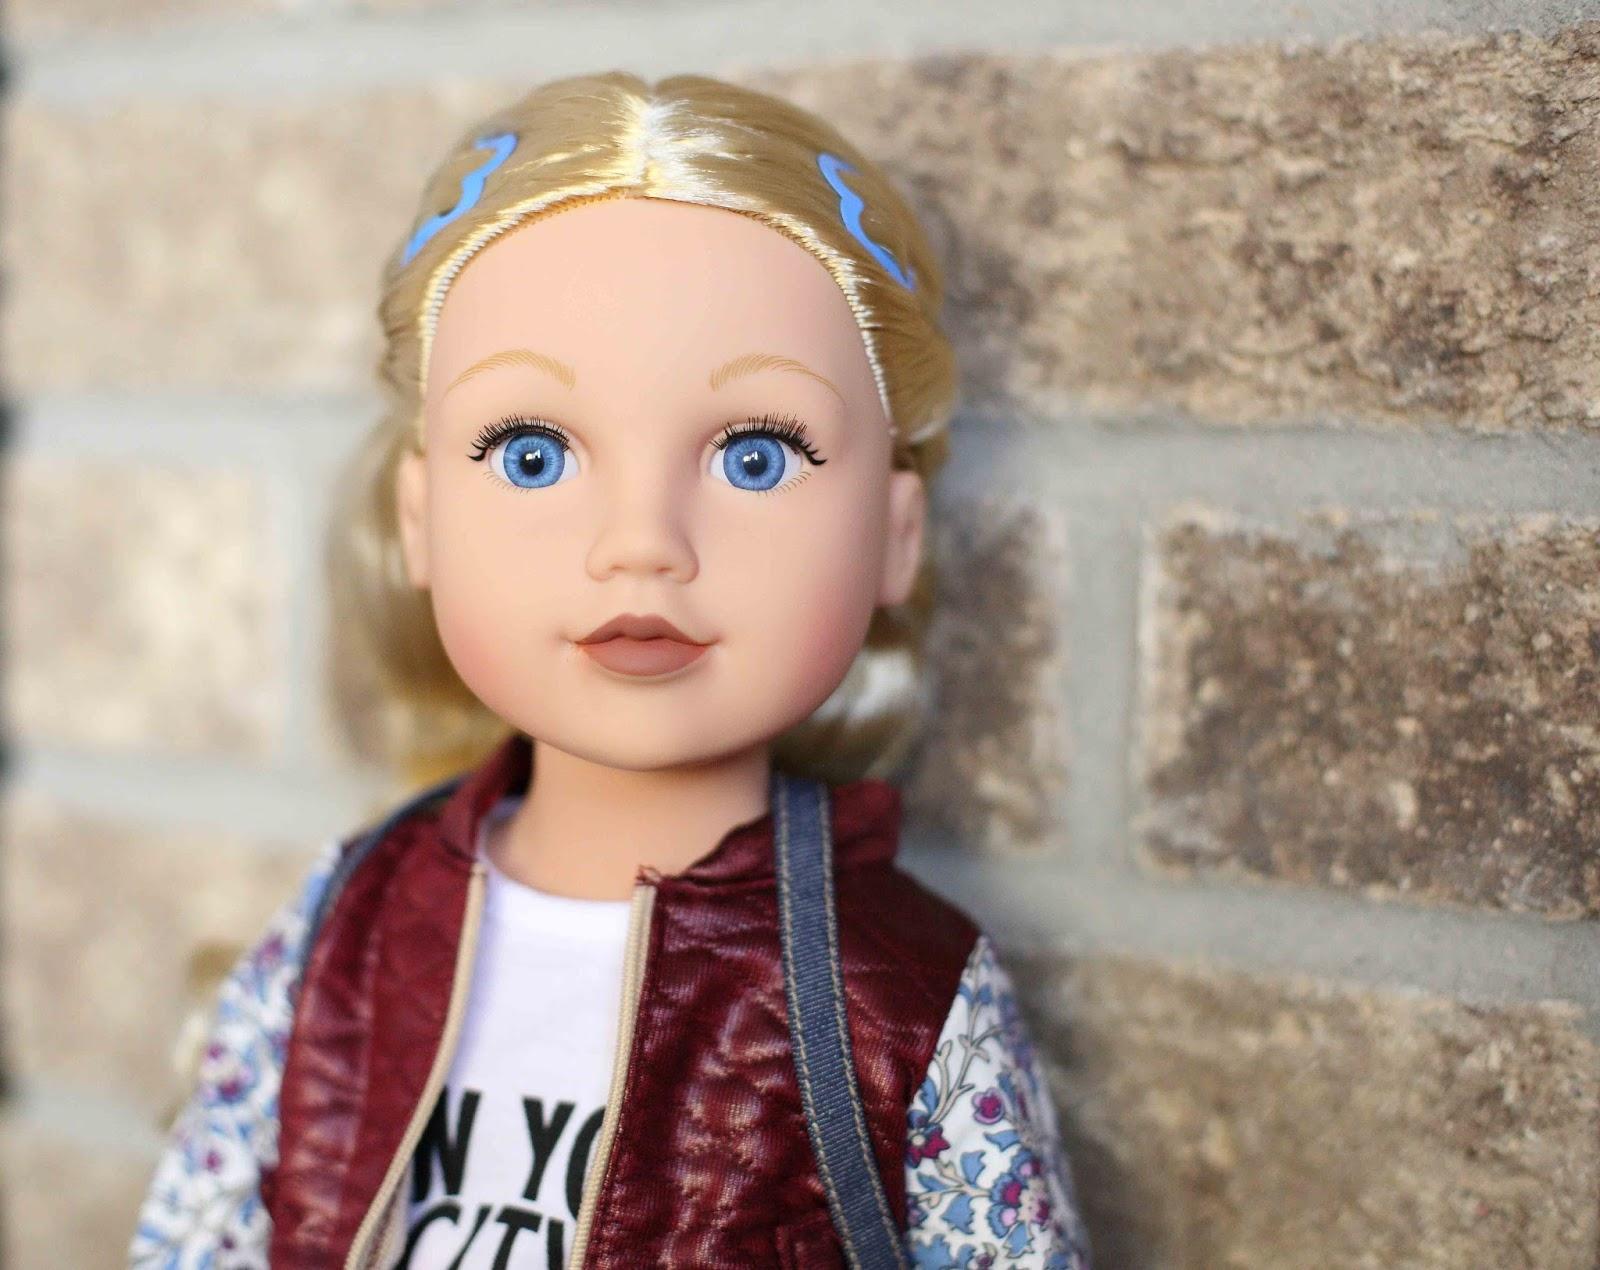 My Journey Girls Dolls Adventures: Journey Girls Blue